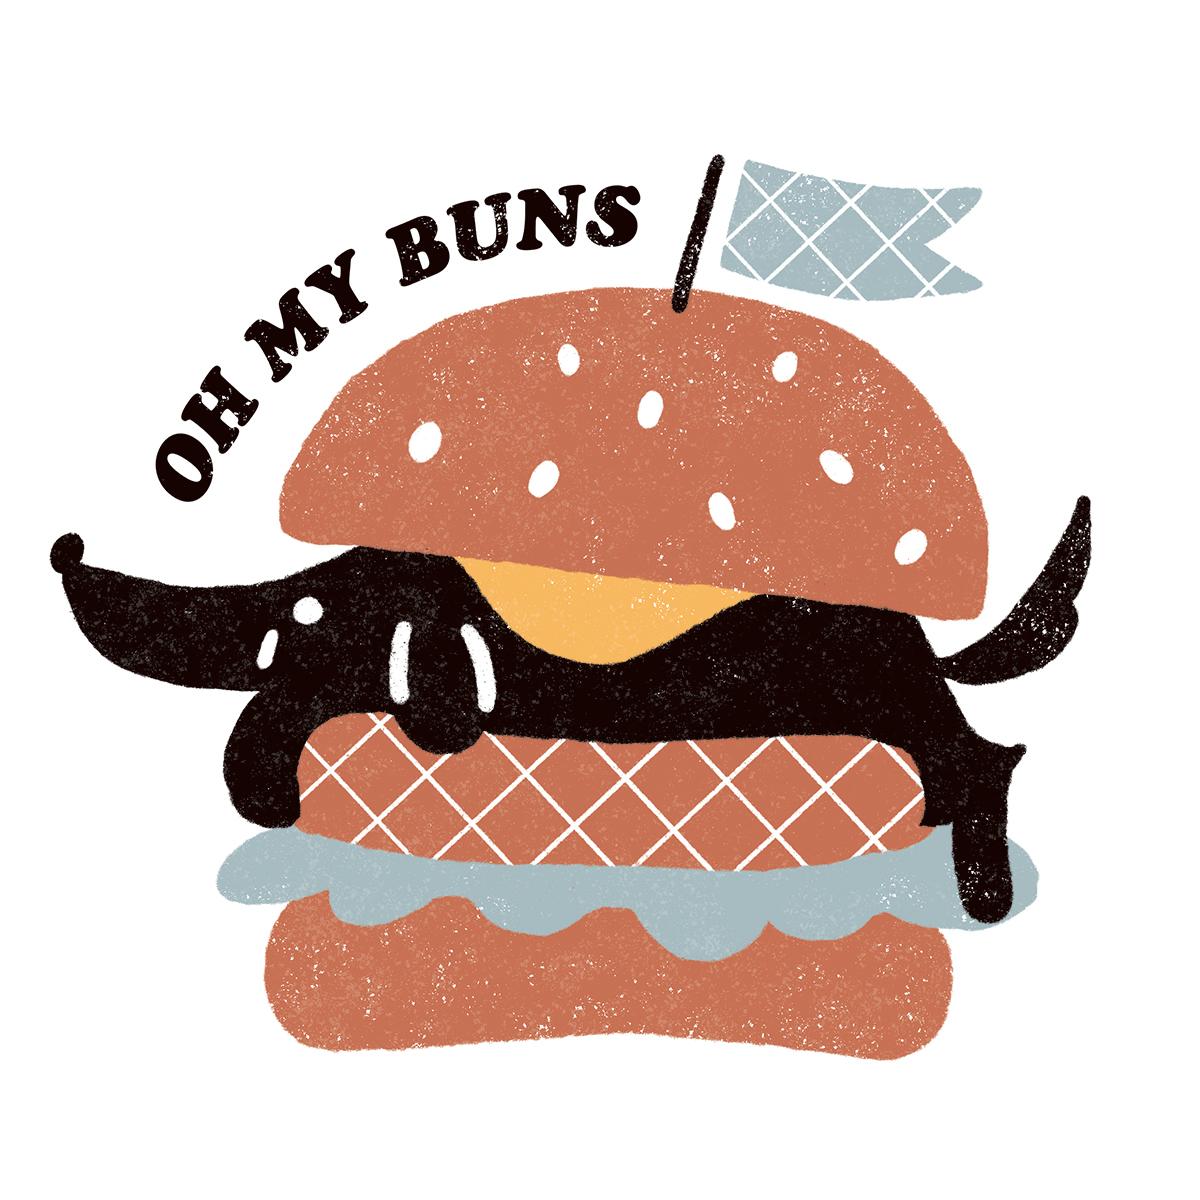 ハンバーガーに挟まる犬のイラスト